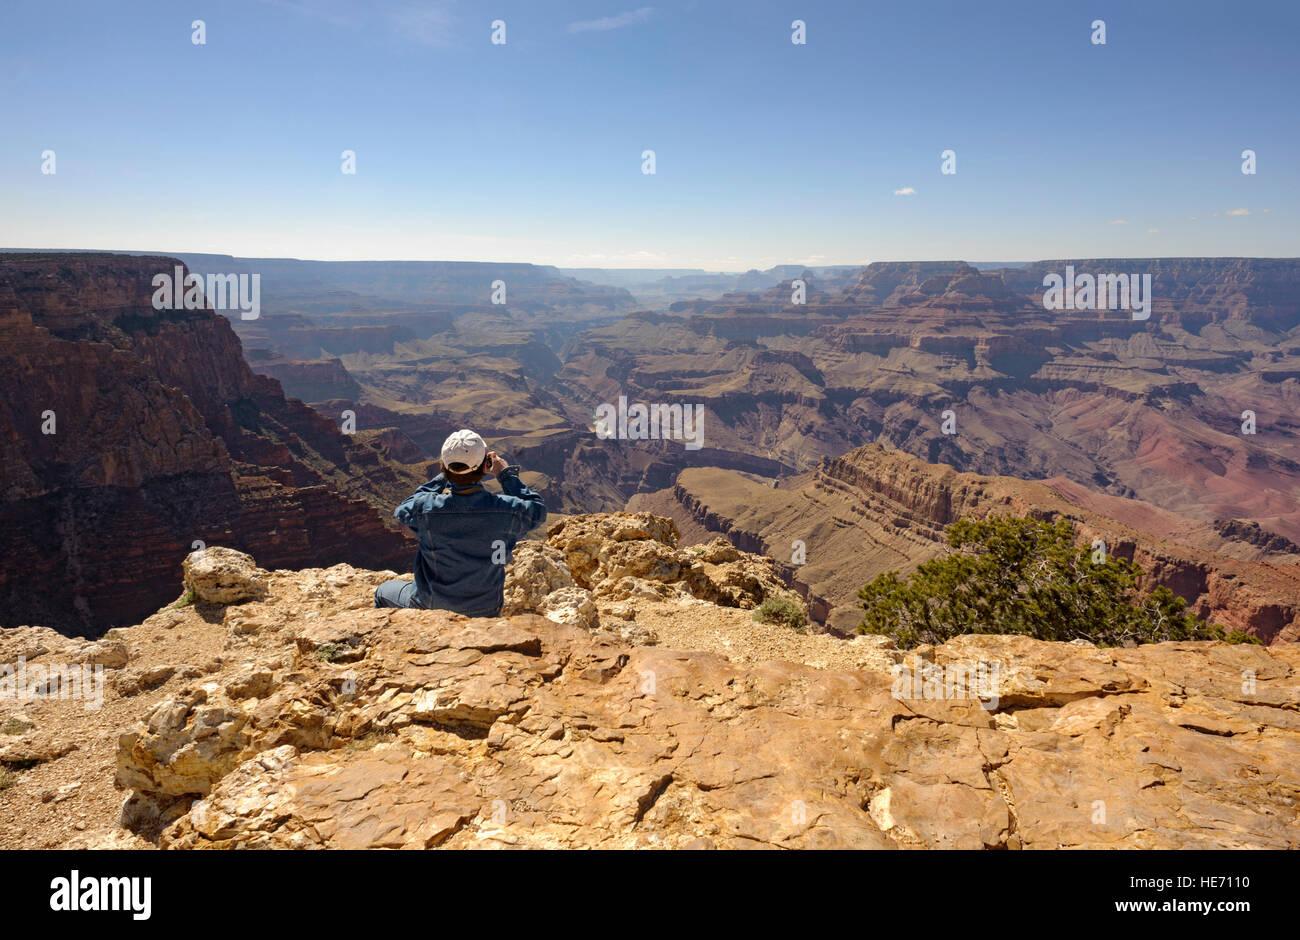 Viajes de aventura al hombre en el borde del borde sur del Gran Cañón Pipe Creek Vista tomando fotos, Arizona, EE.UU. Vista trasera asoma majestuoso Grand Canyon Foto de stock